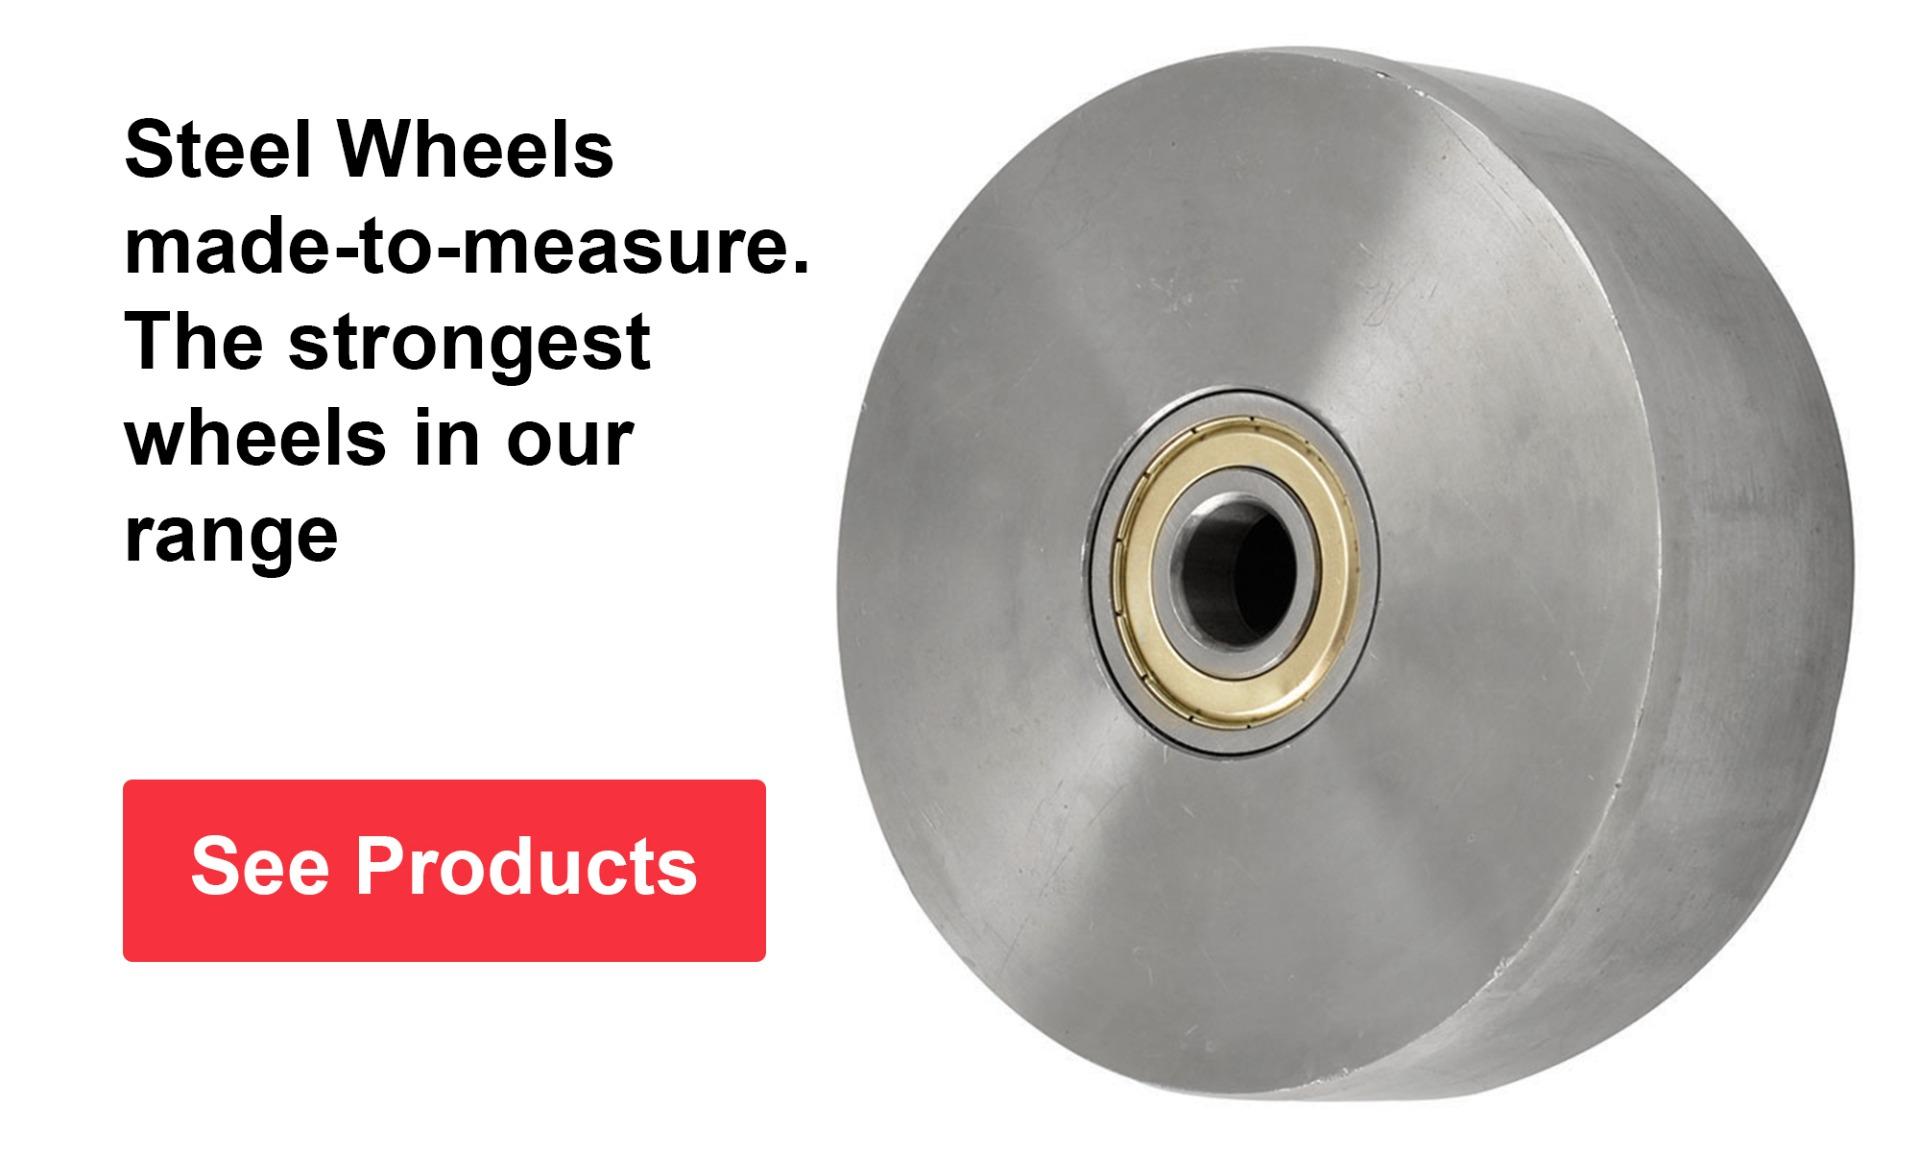 Steel Wheels Link